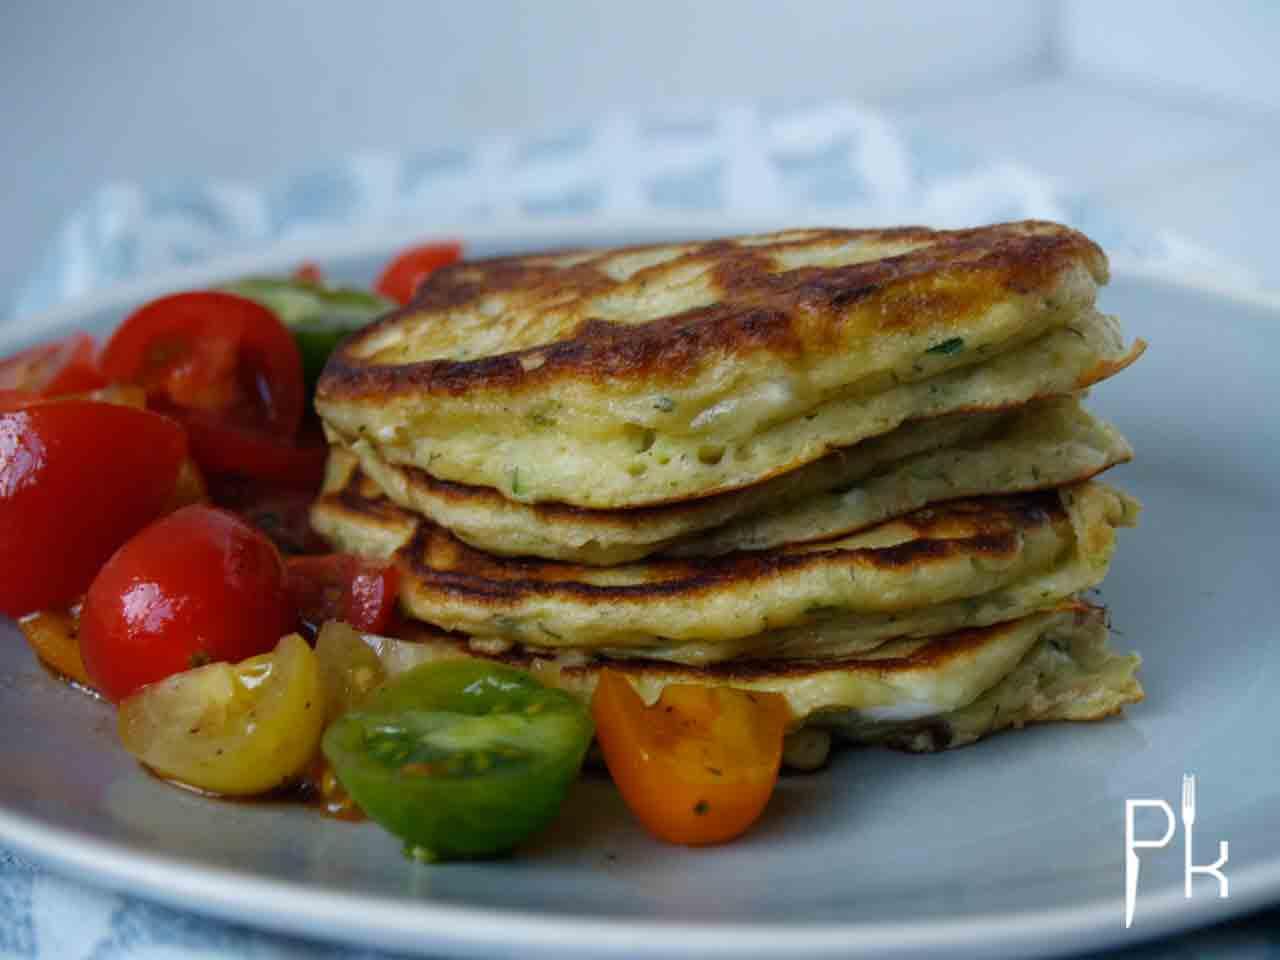 courgette pannenkoeken drie in de pan